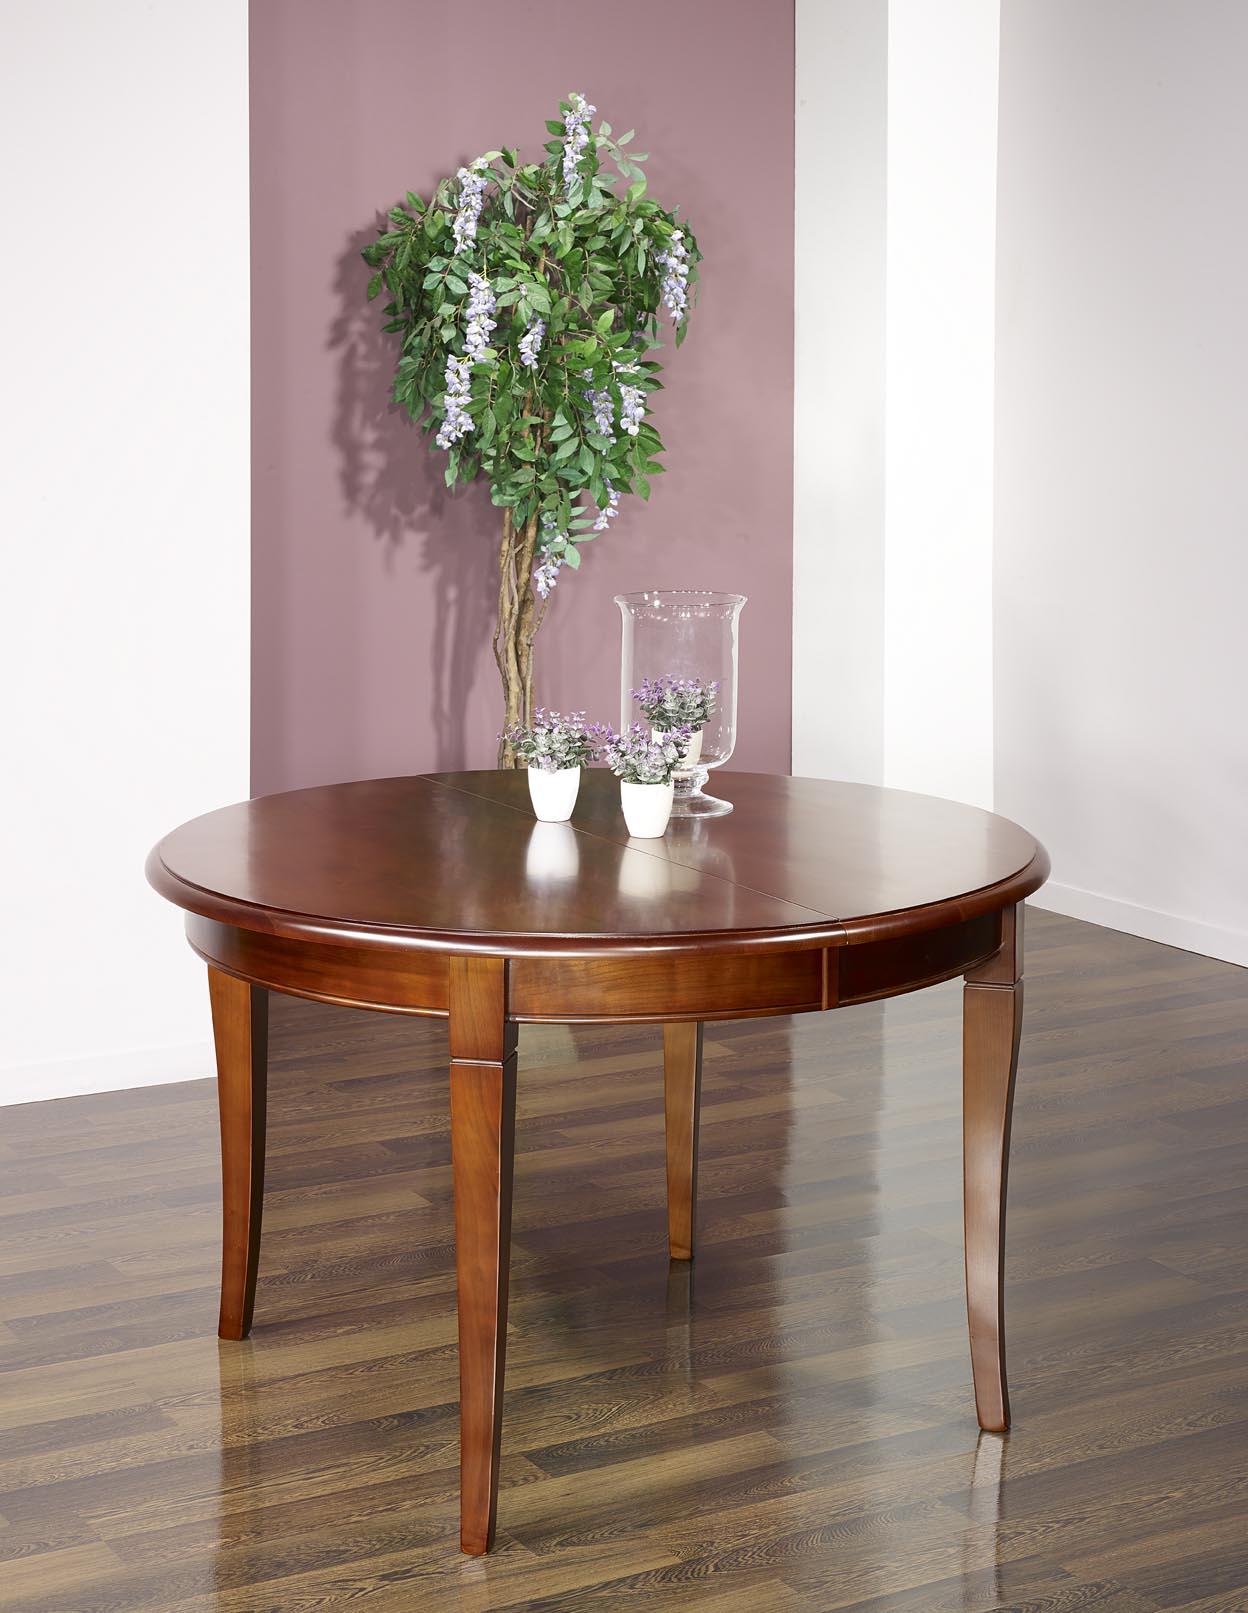 d0300288df444 ... Table ronde 4 pieds sabres réalisée en Merisier Massif de style Louis  Philippe 3 allonges de ...